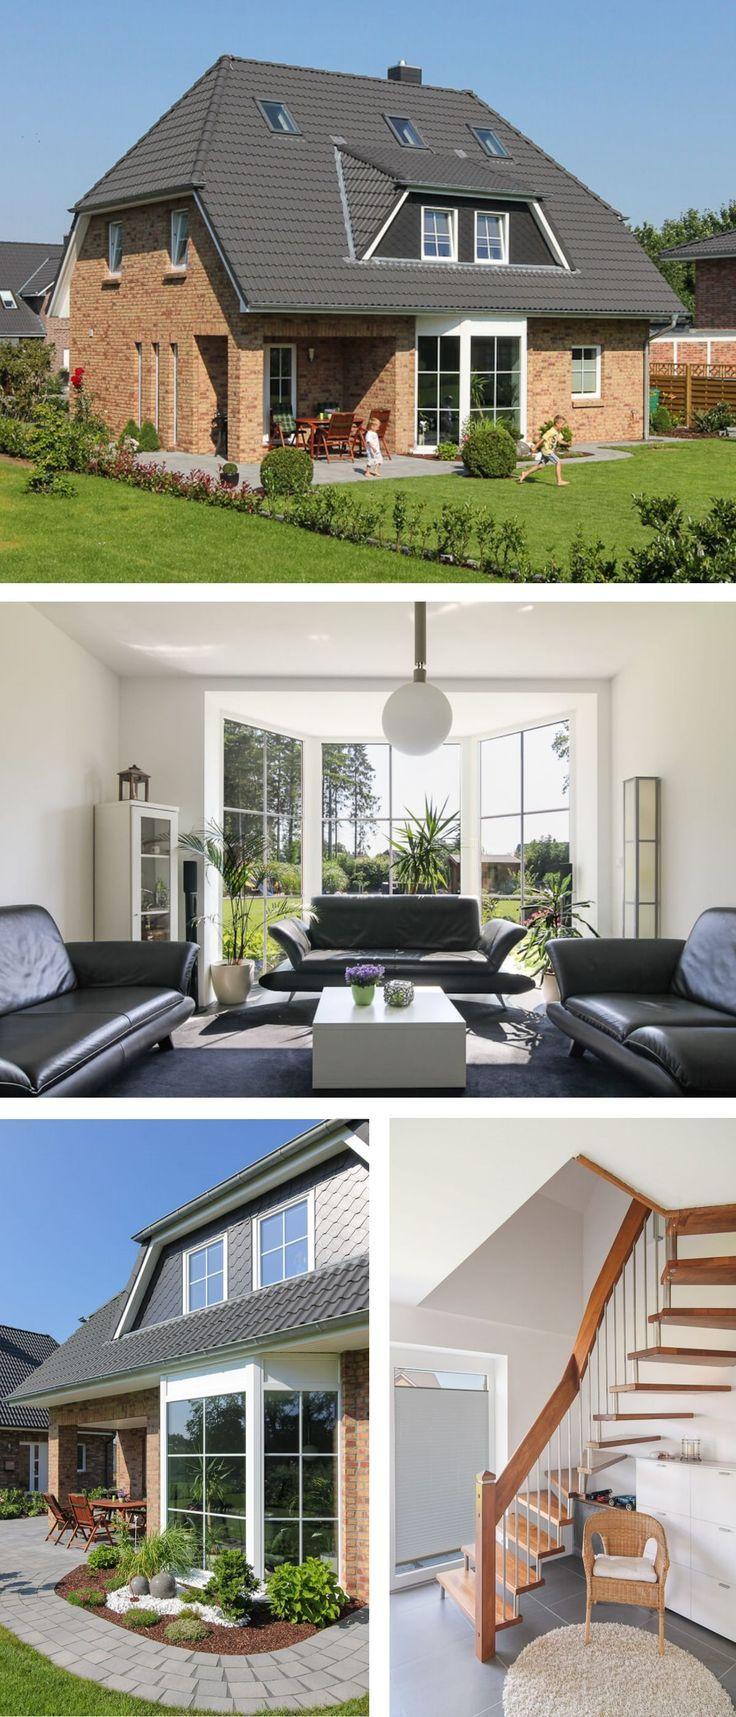 Einfamilienhaus Neubau mit Klinker Fassade, Wintergarten